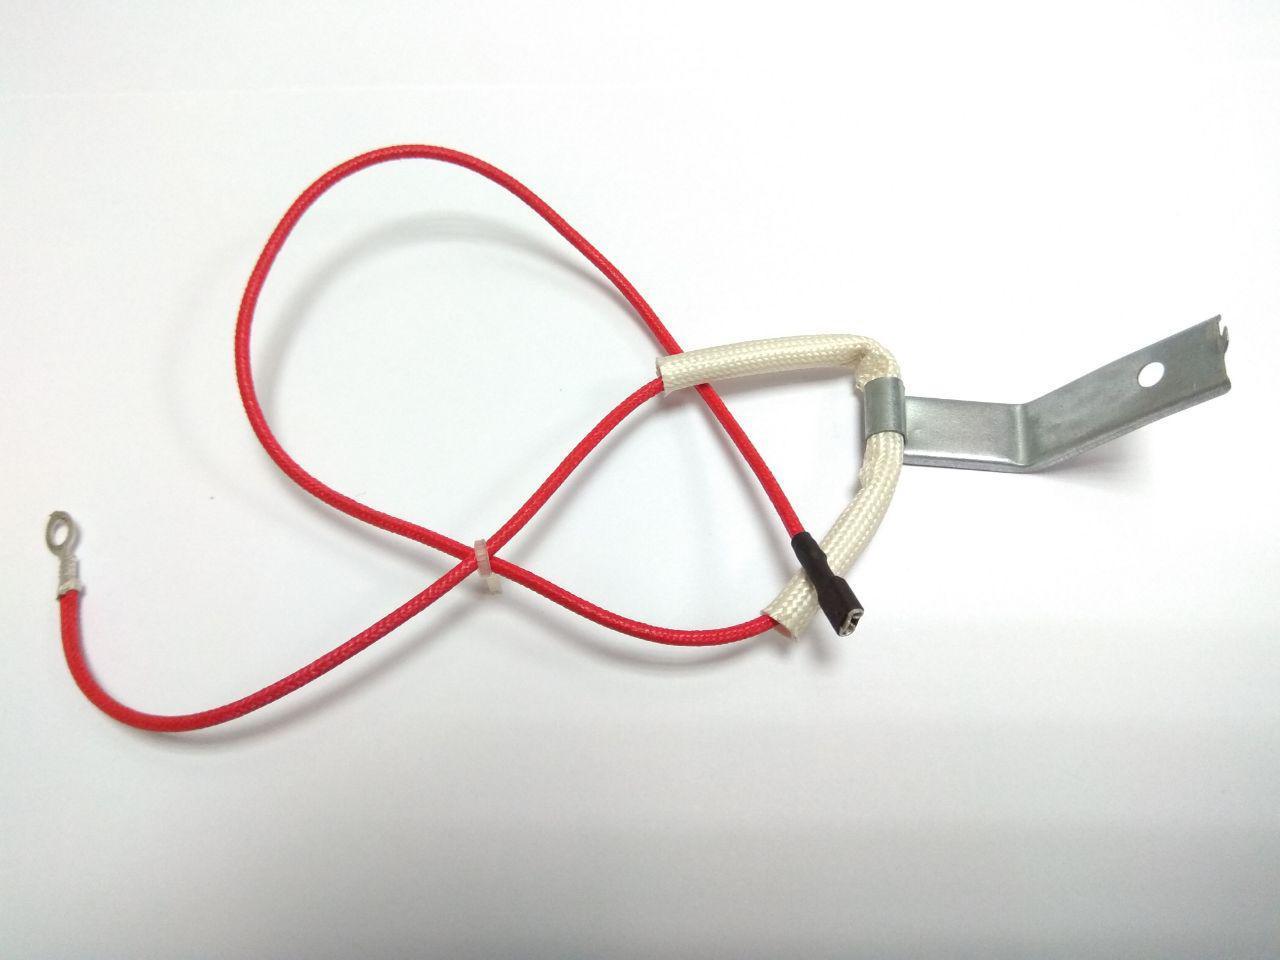 Термопредохранитель RMC-M170 на 133°C